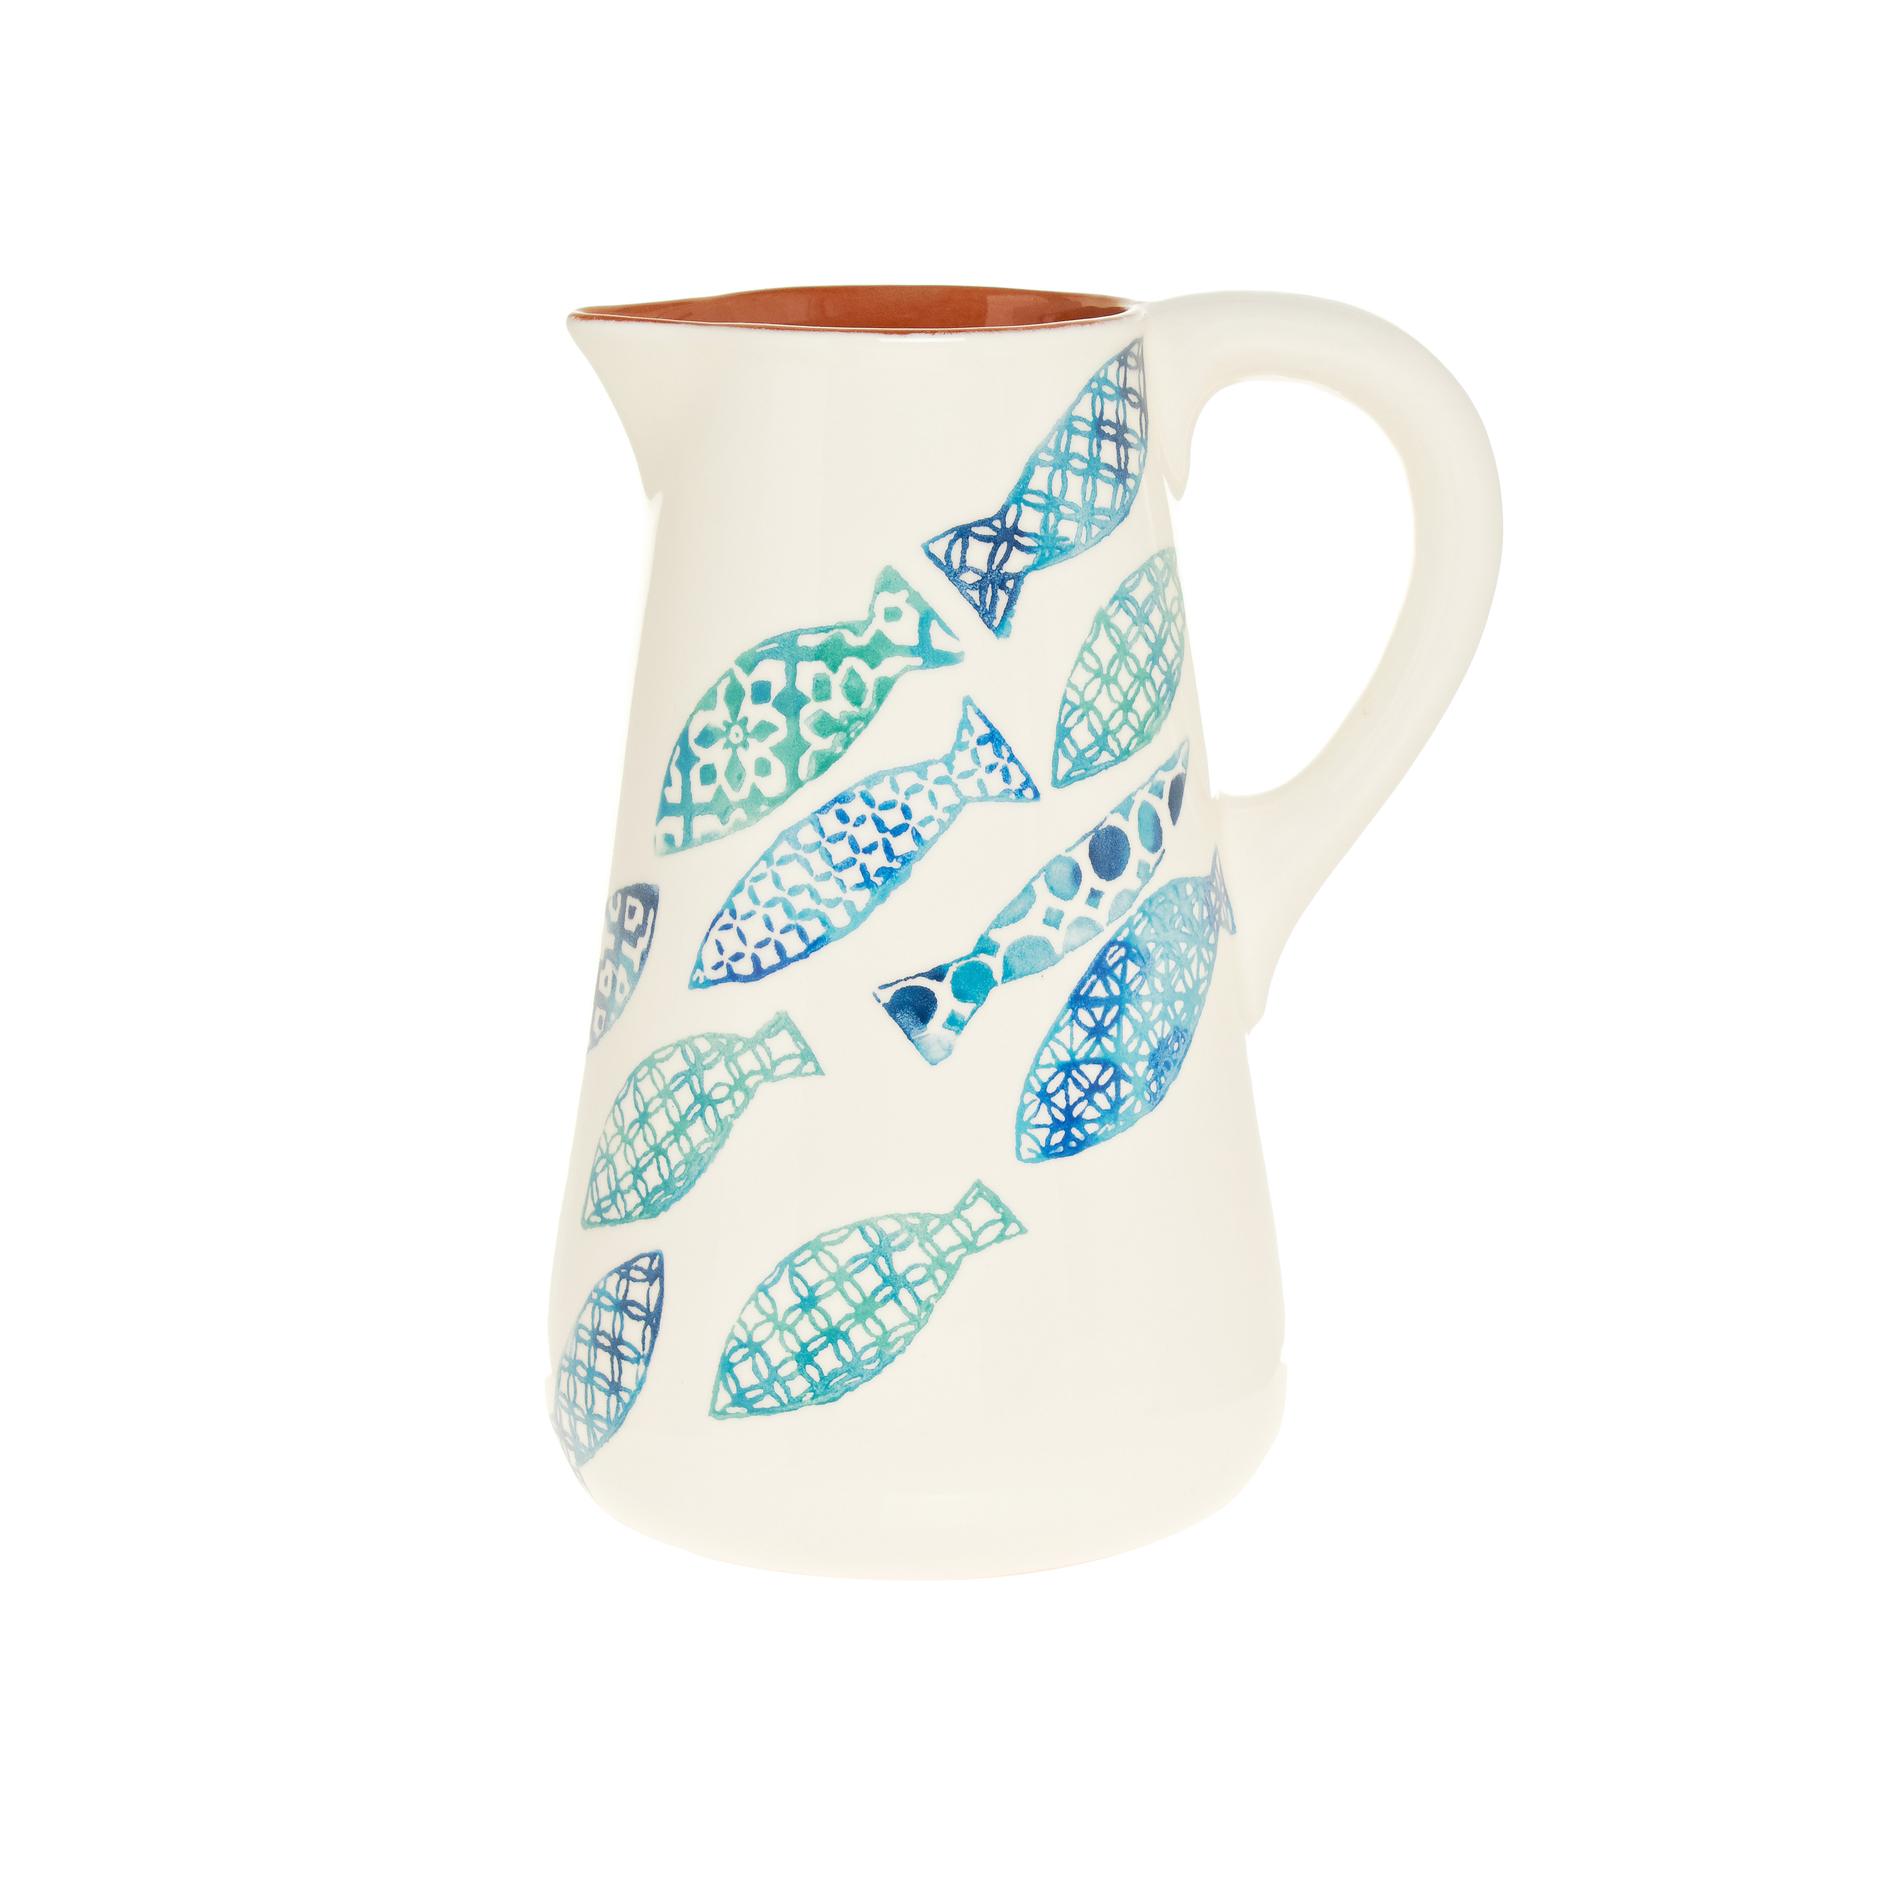 Caraffa ceramica portoghese decorazione pesci coincasa for Decorazione ceramica